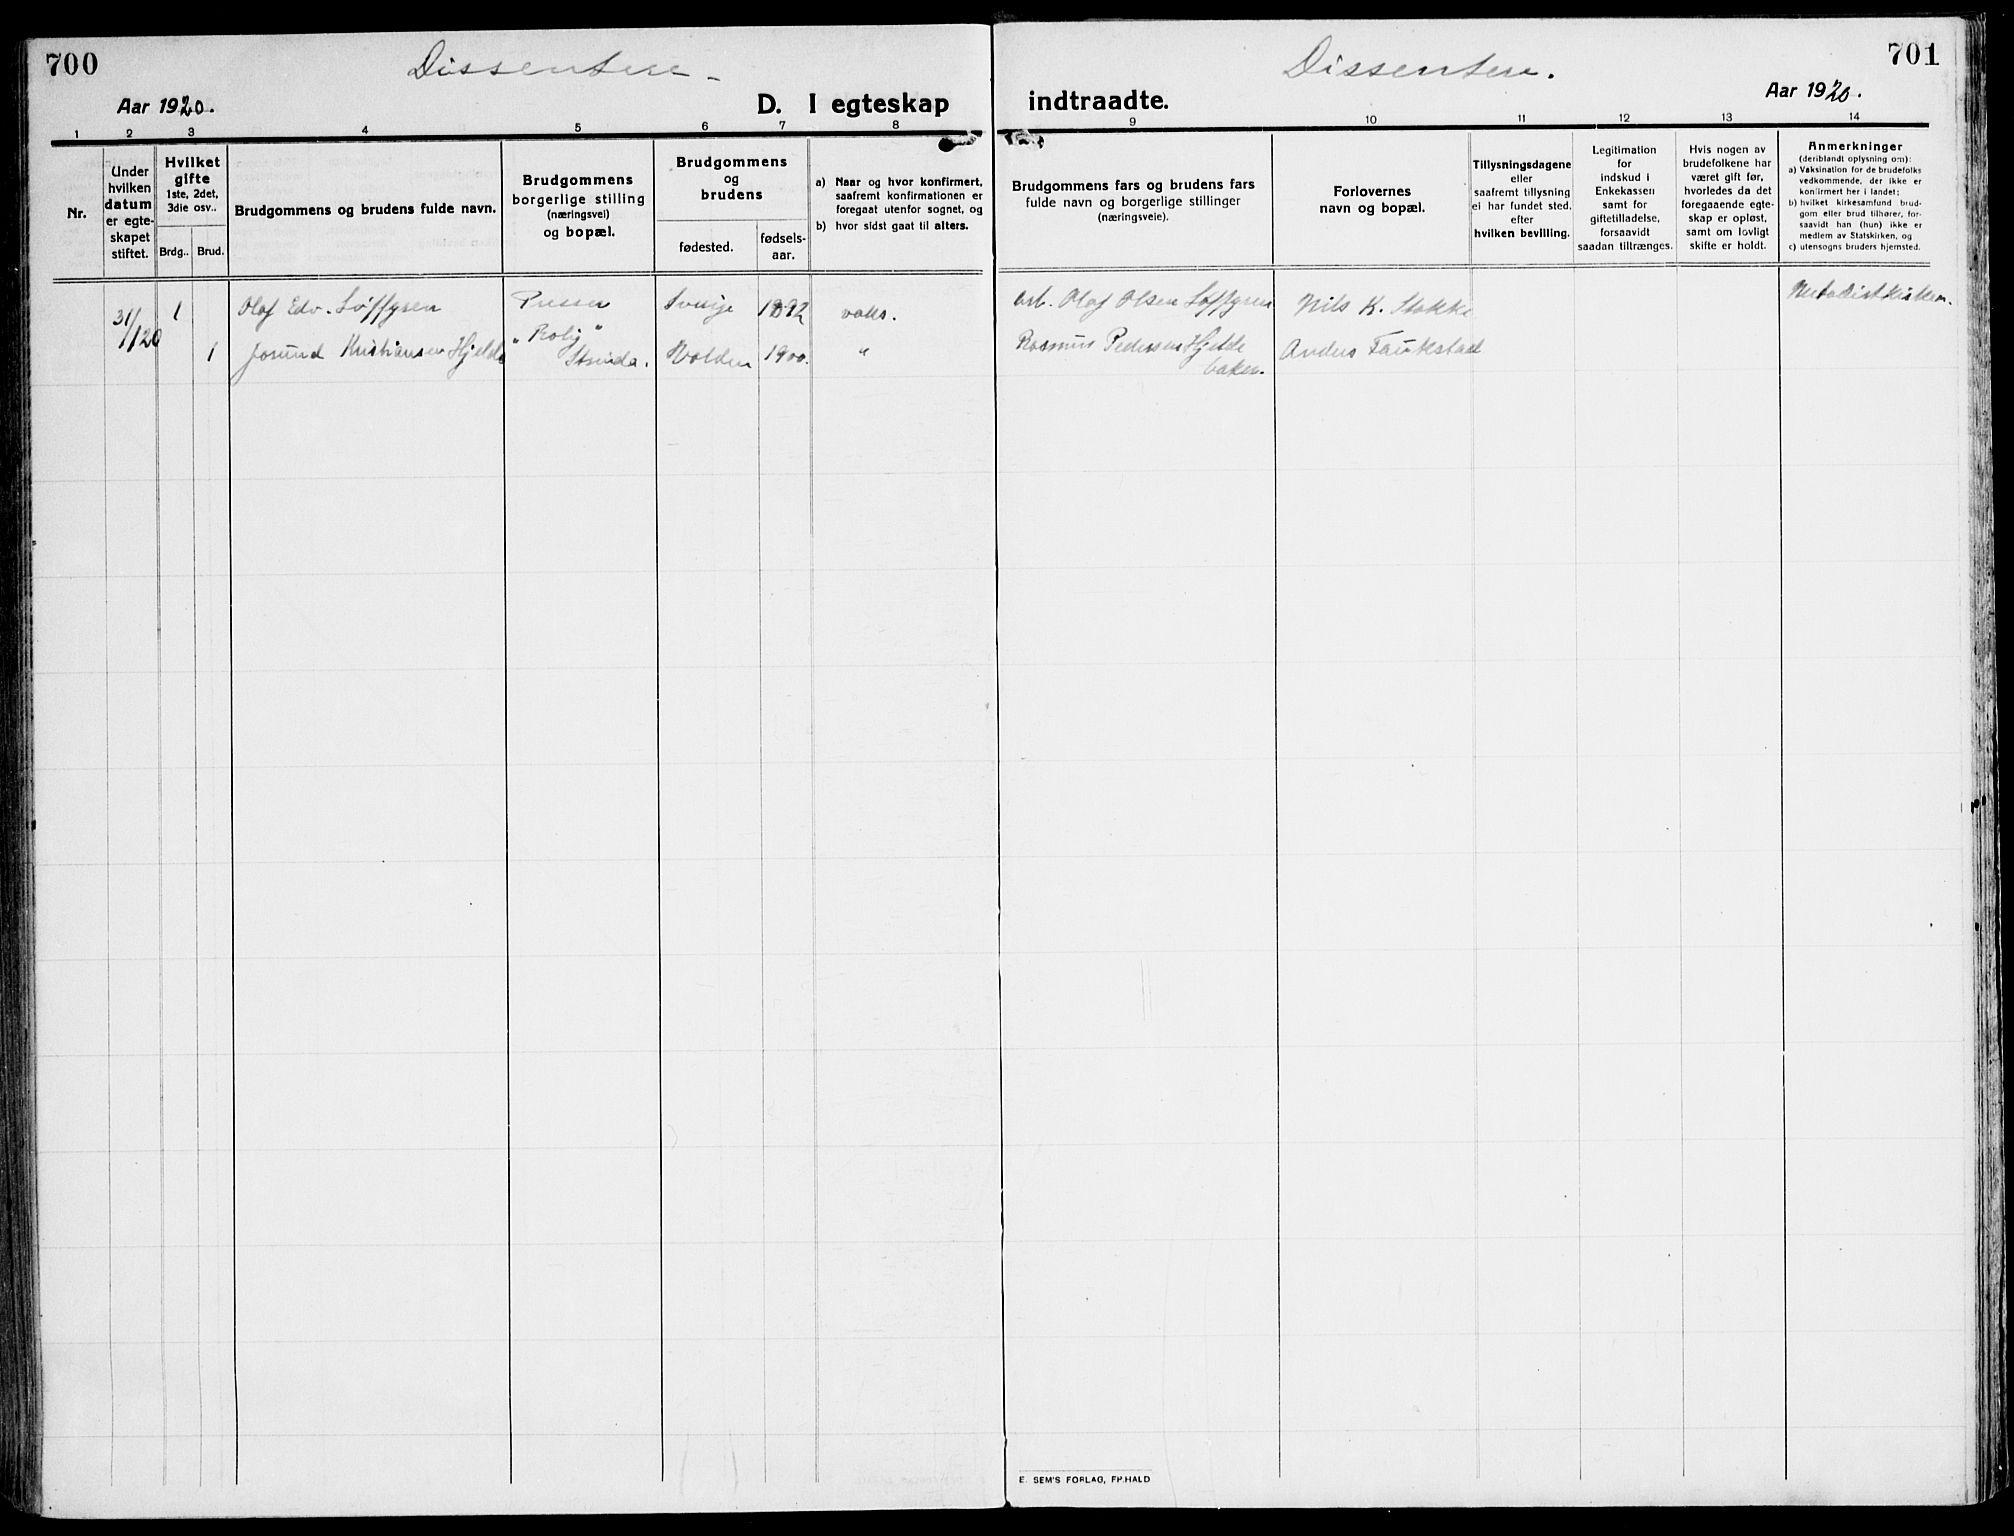 SAT, Ministerialprotokoller, klokkerbøker og fødselsregistre - Sør-Trøndelag, 607/L0321: Ministerialbok nr. 607A05, 1916-1935, s. 700-701